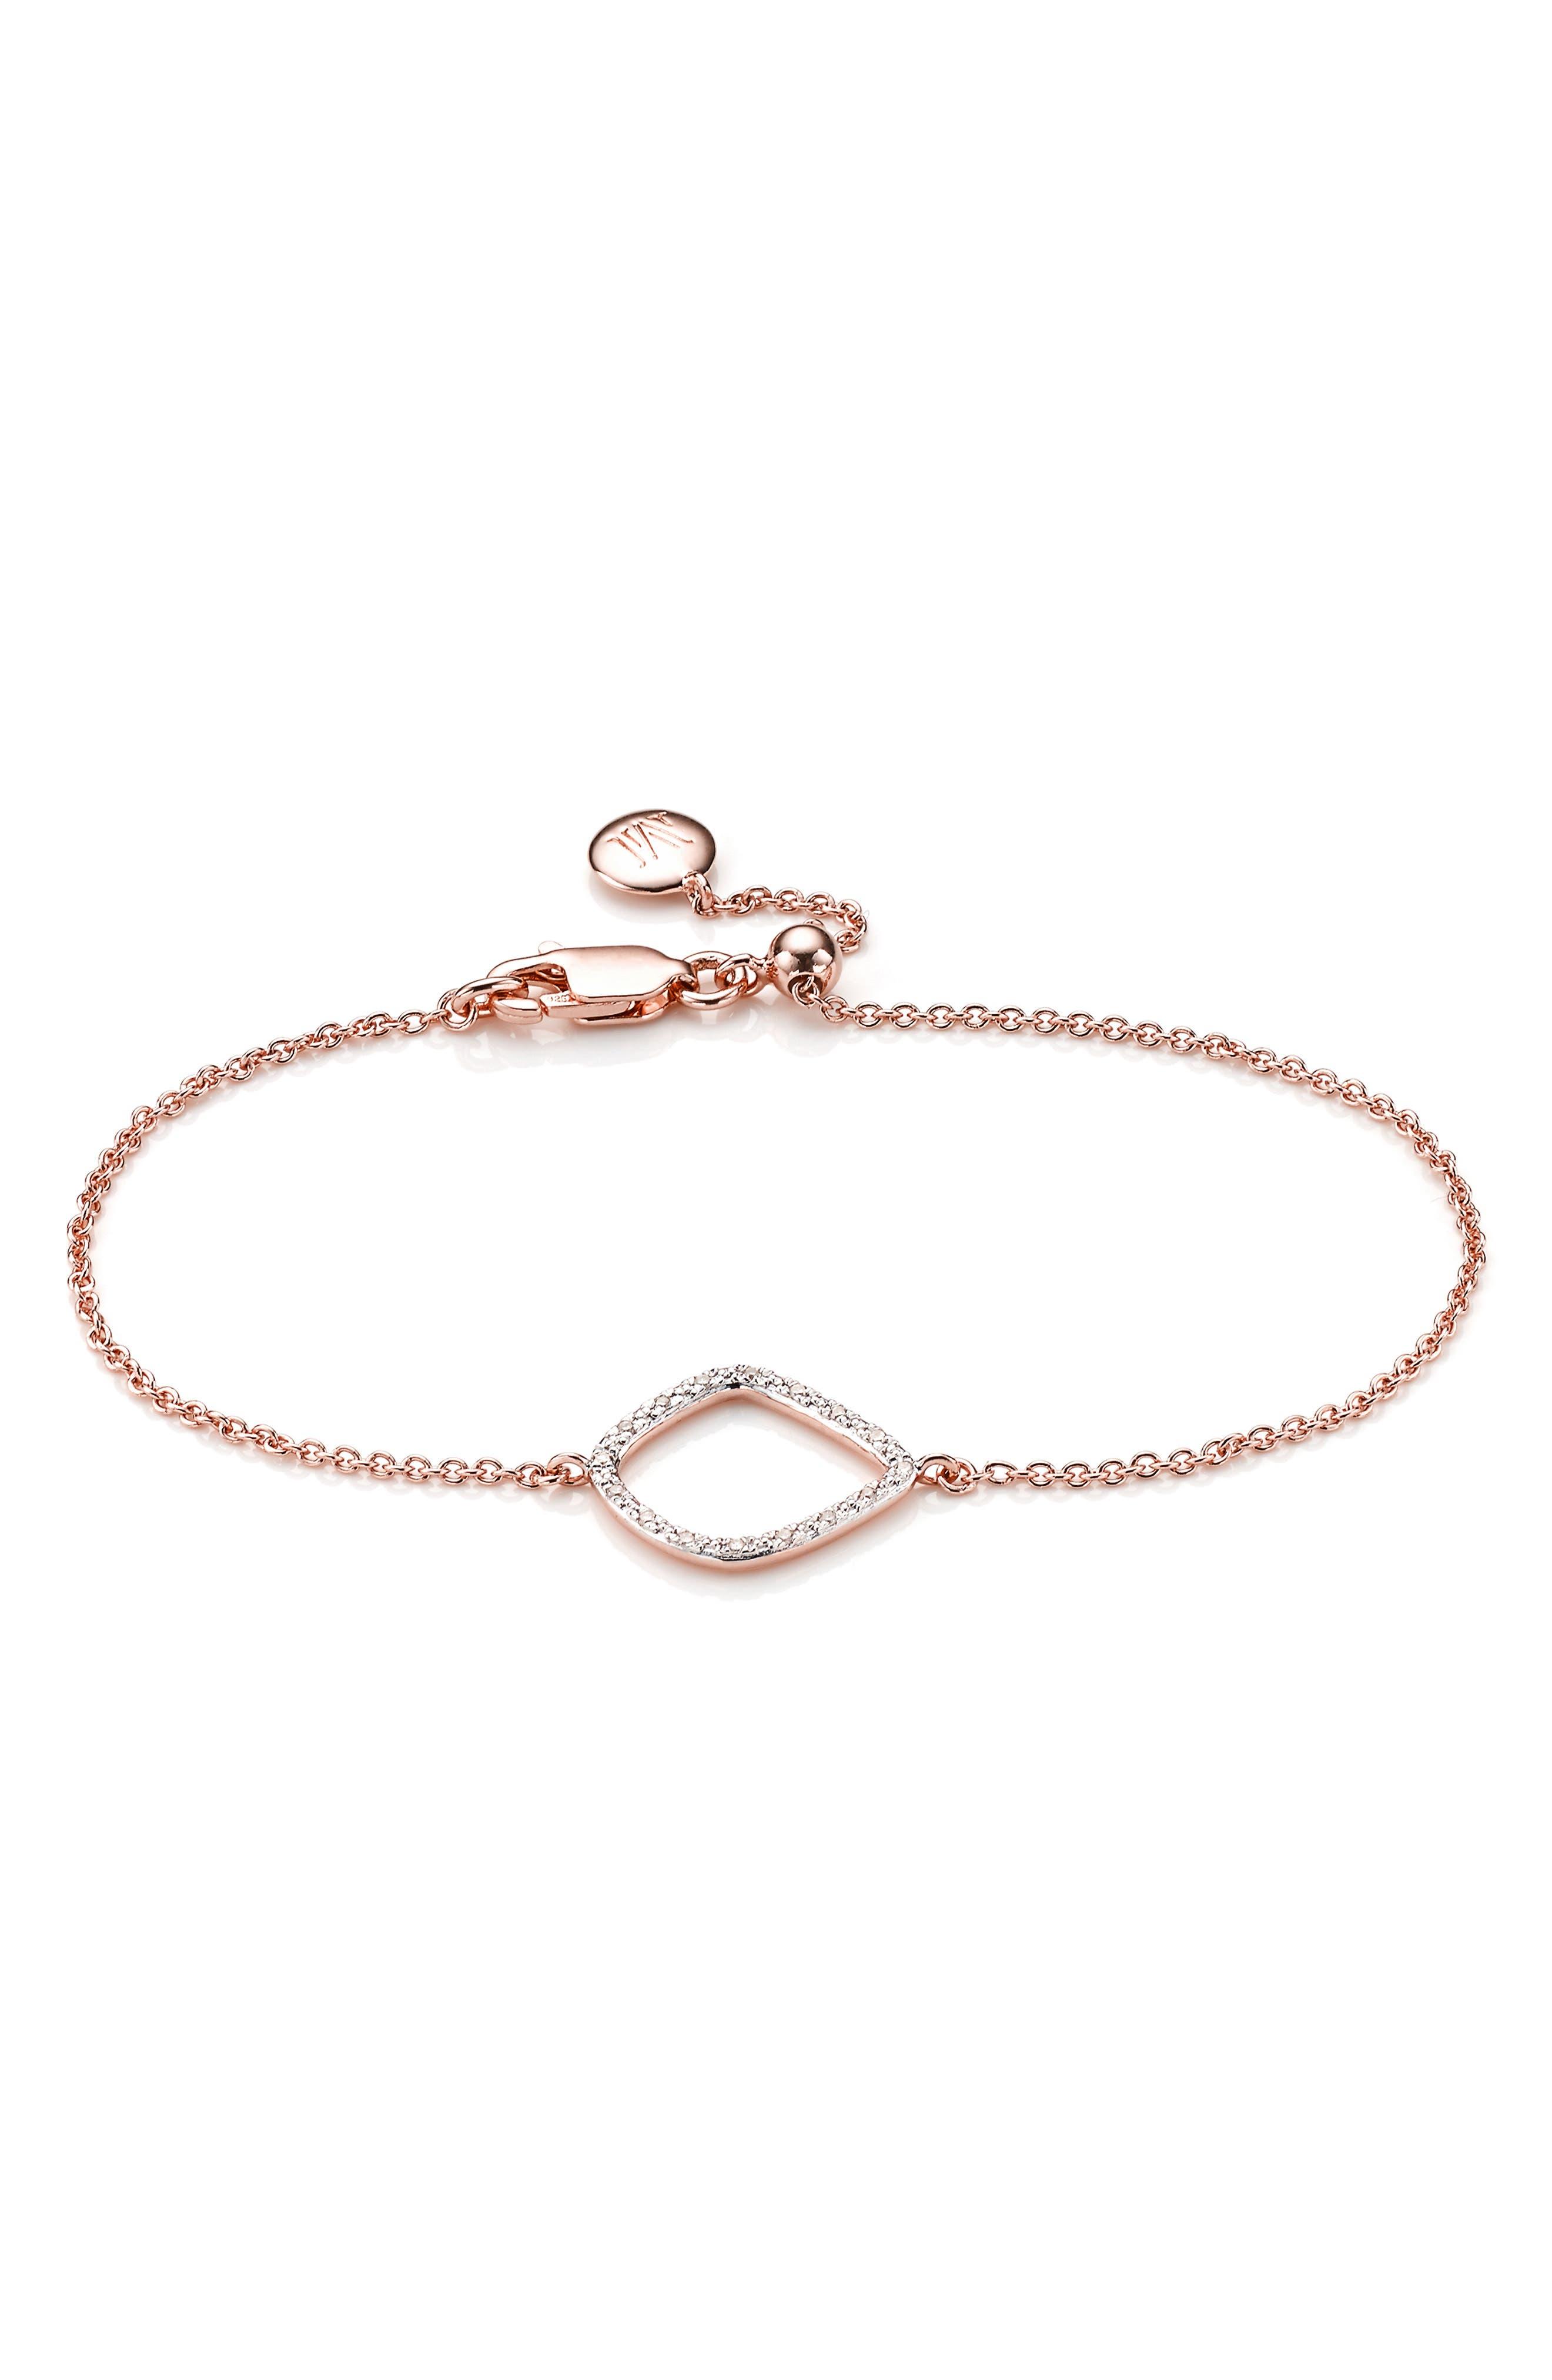 Riva Kite Adjustable Diamond Bracelet,                             Main thumbnail 1, color,                             Rose Gold